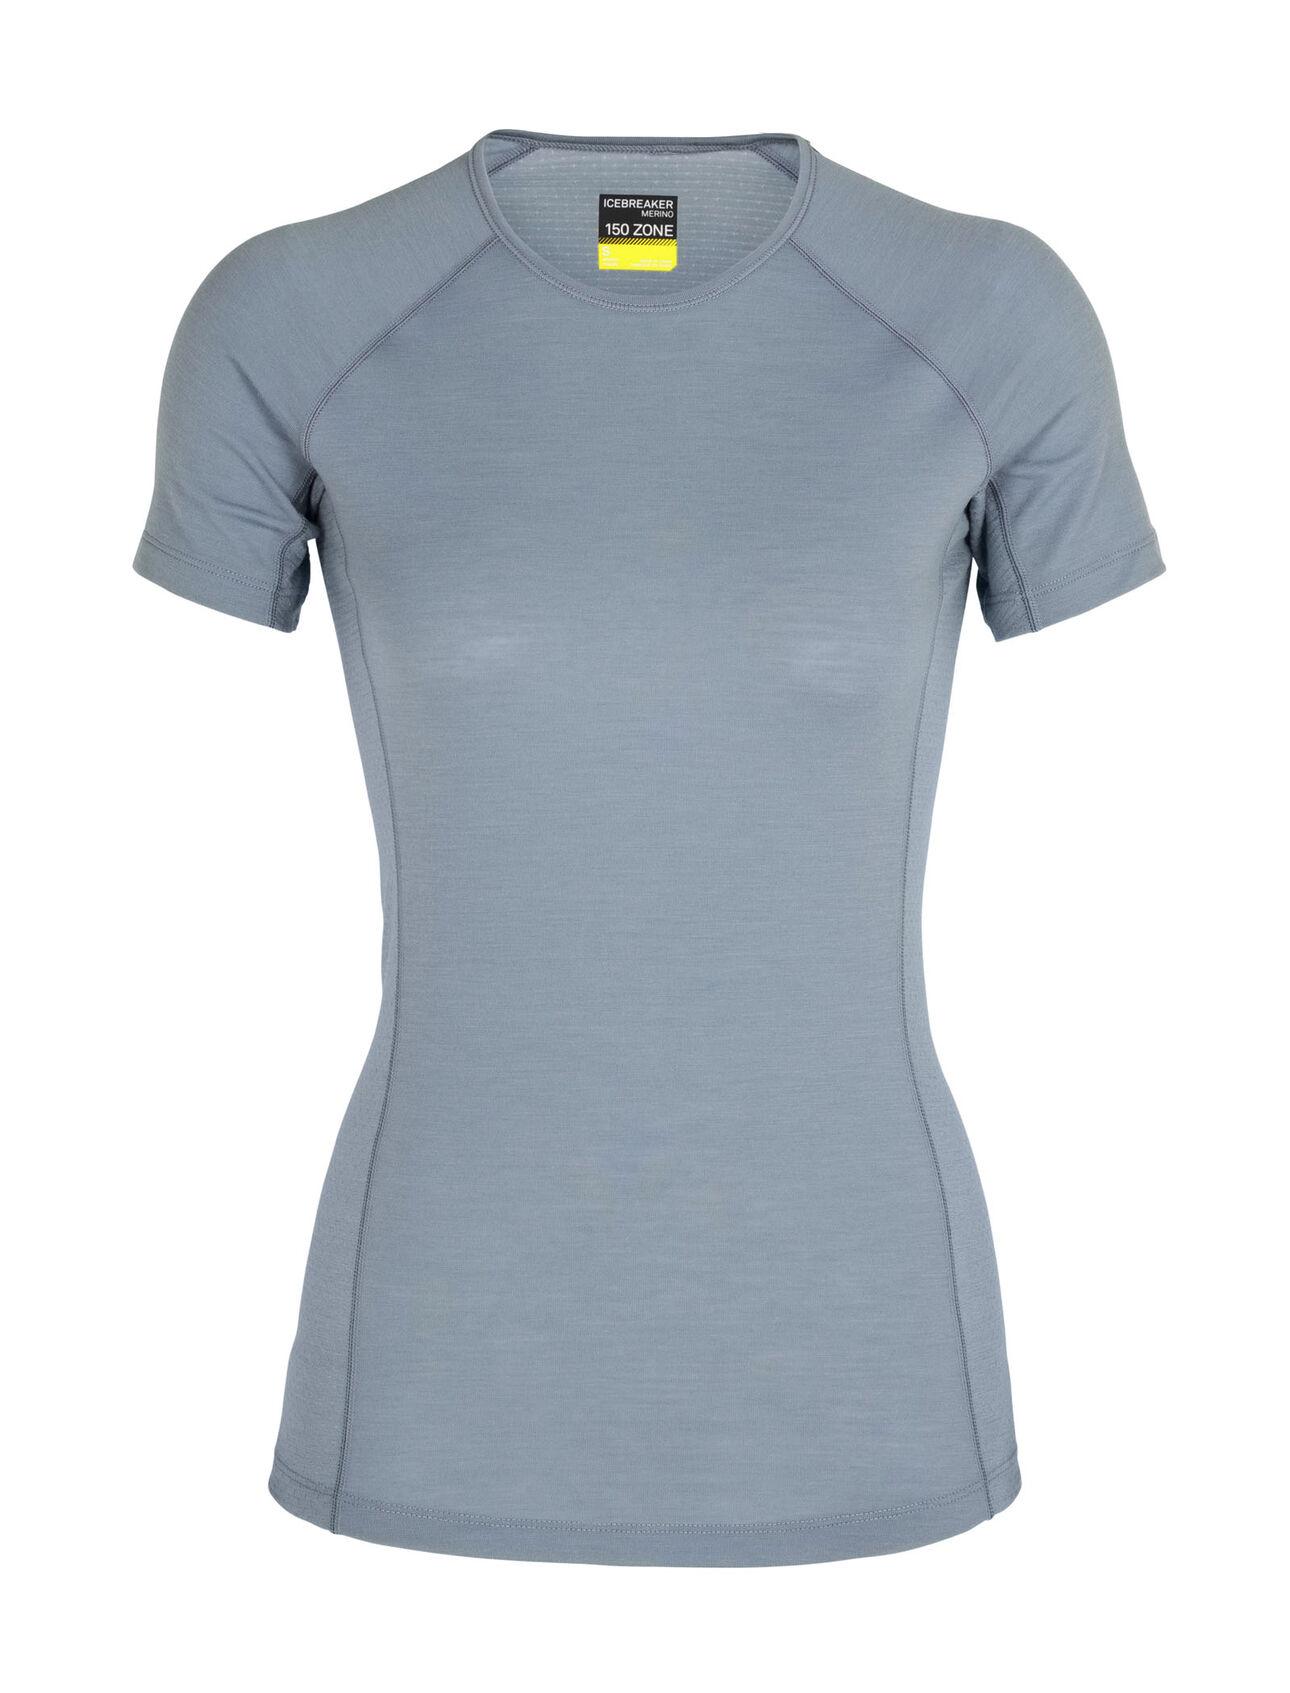 BodyfitZone™ Merino 150 Zone Short Sleeve Crewe Thermal Top